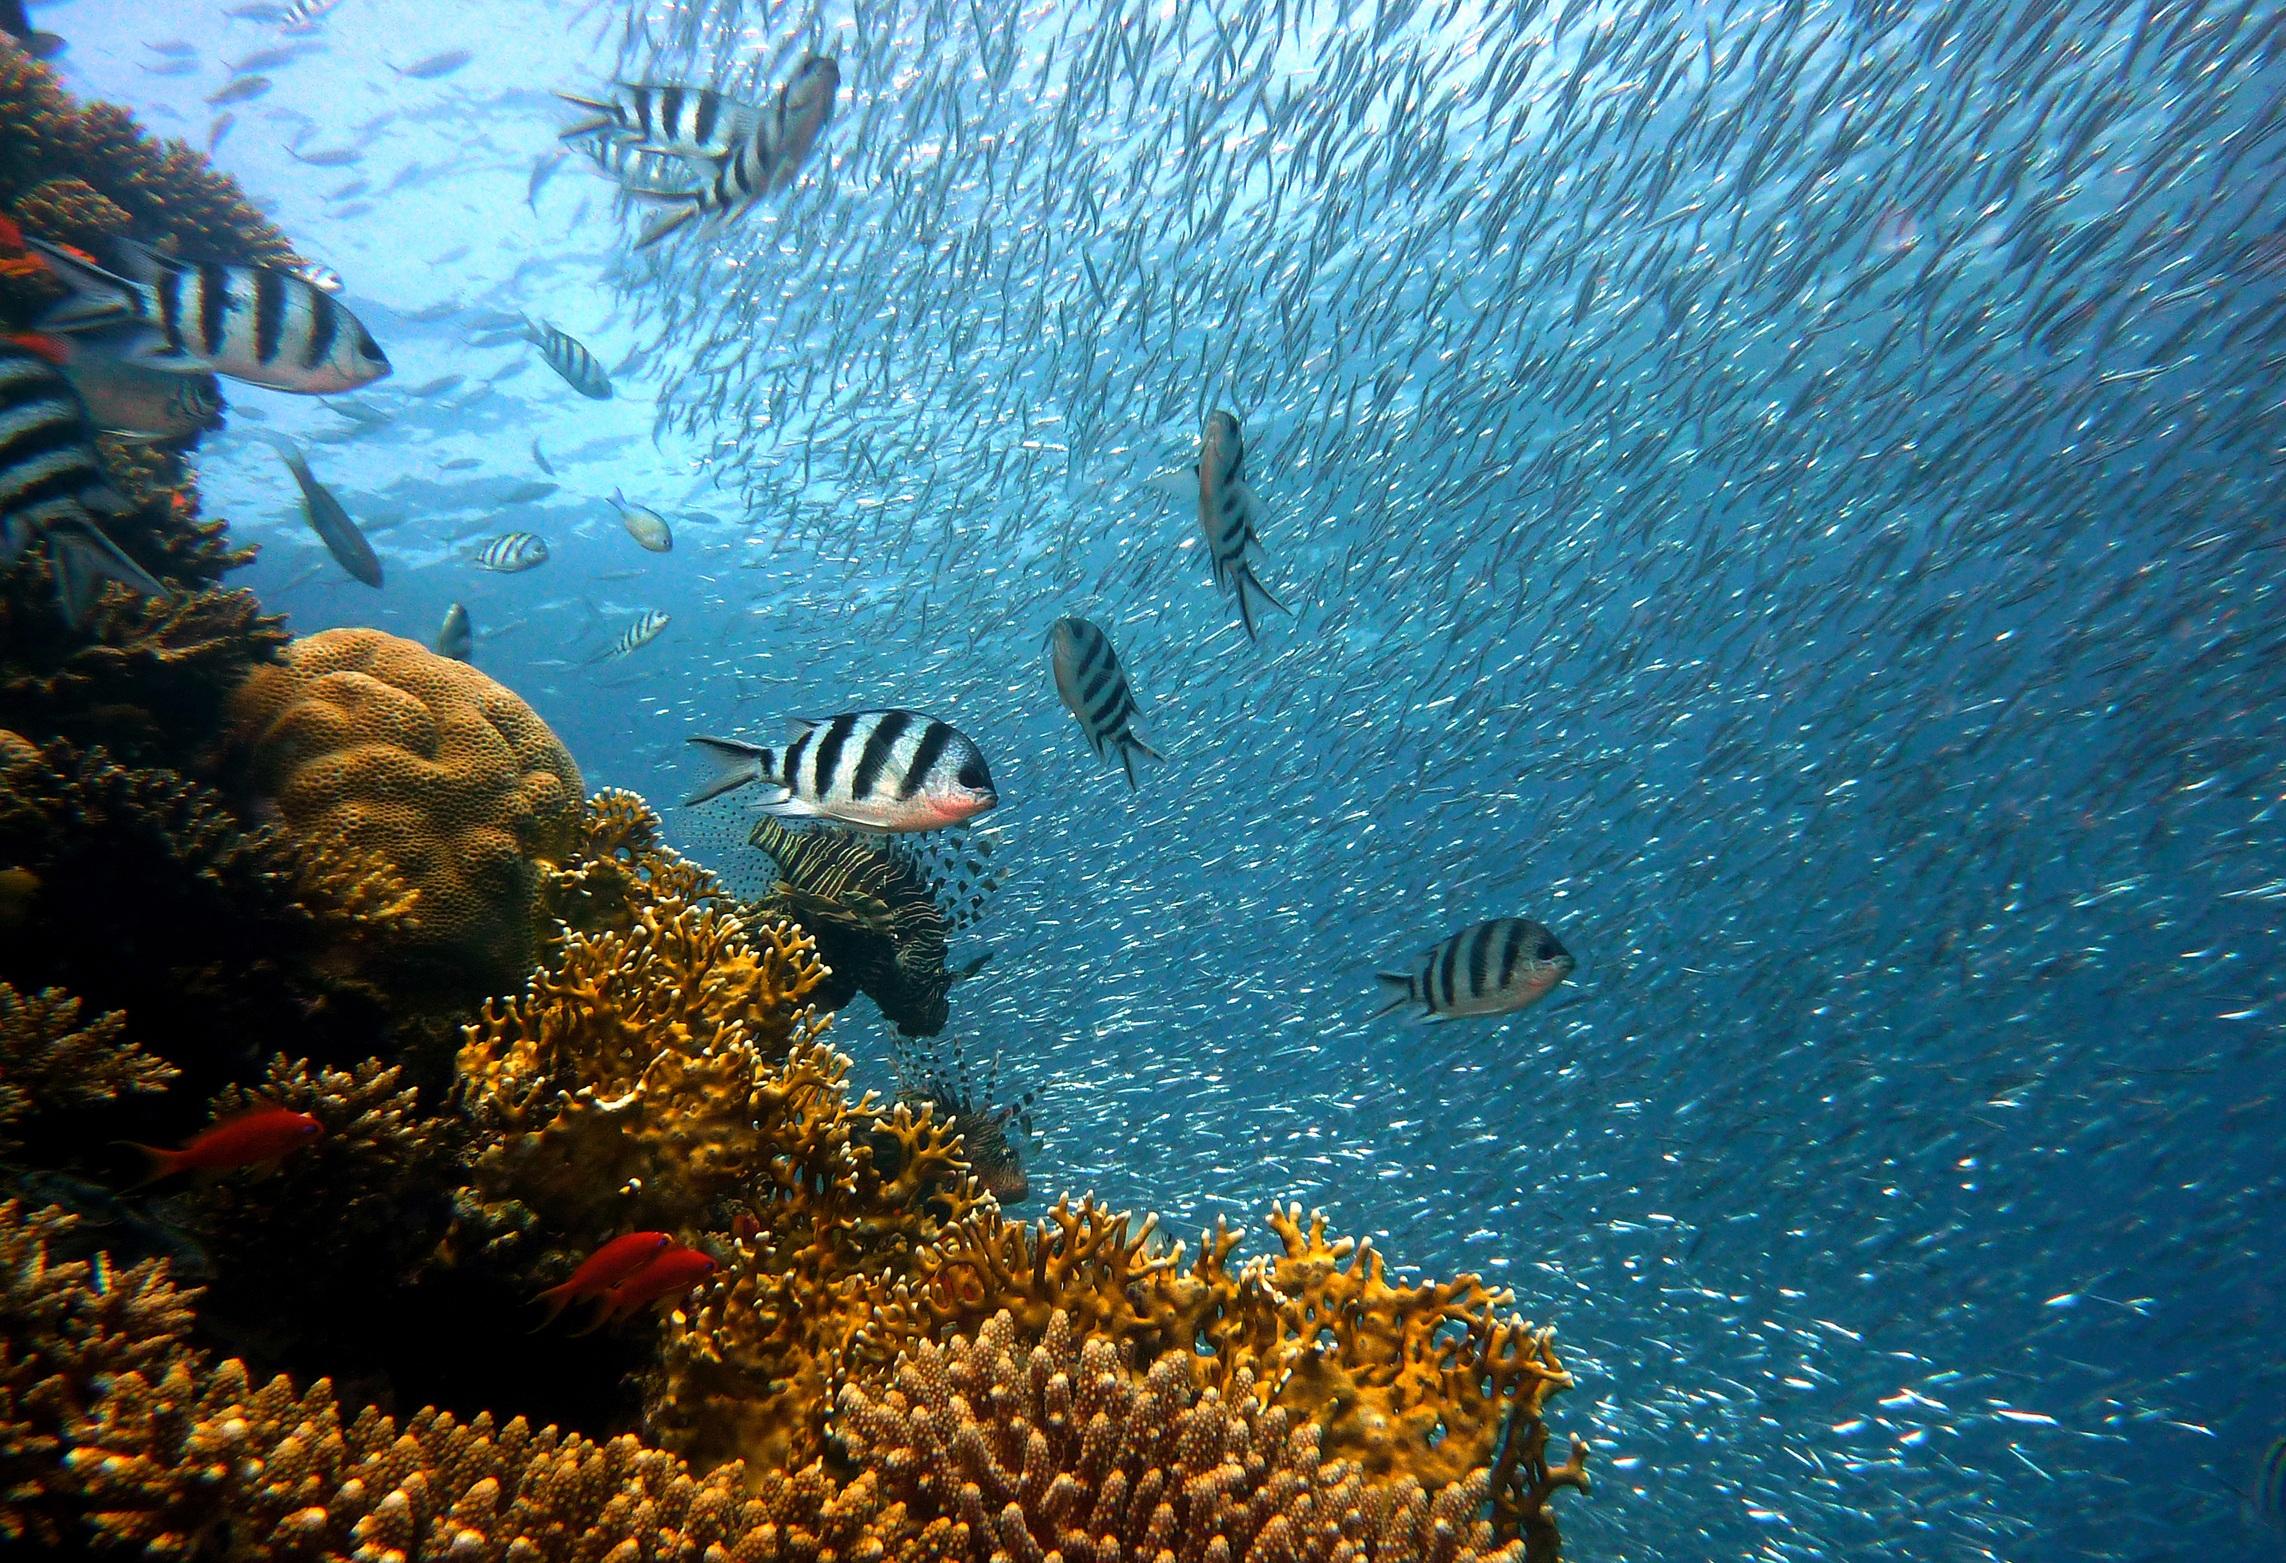 poisson, Corail, Banque, Arrecife, Mer - Fonds d'écran HD - Professor-falken.com